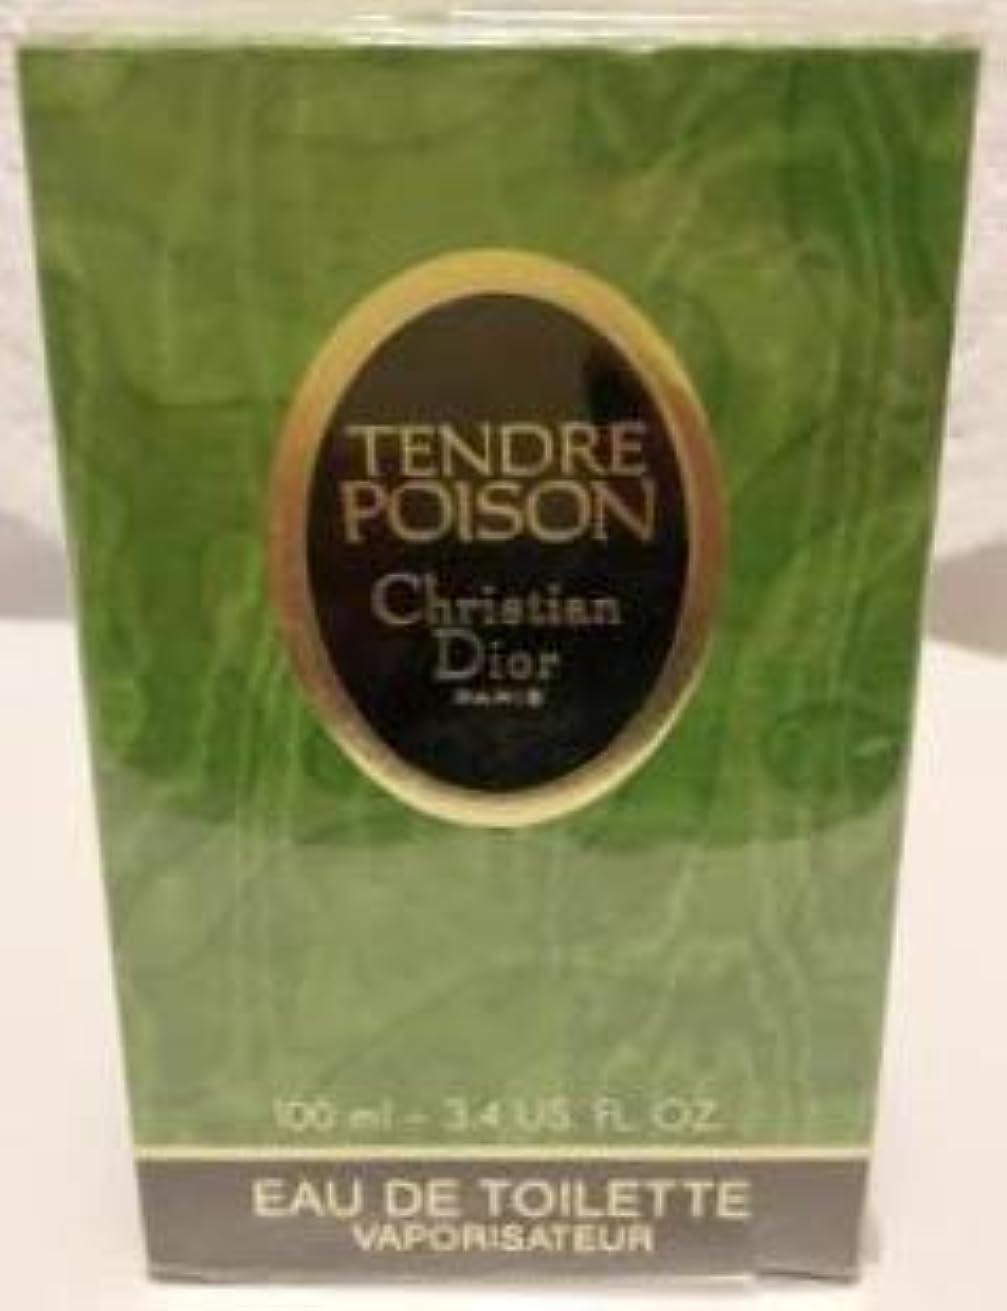 伝染病さびた文明化するクリスチャンディオール タンドゥルプワゾン EDT 100ml [並行輸入品] タンドゥールプワゾン